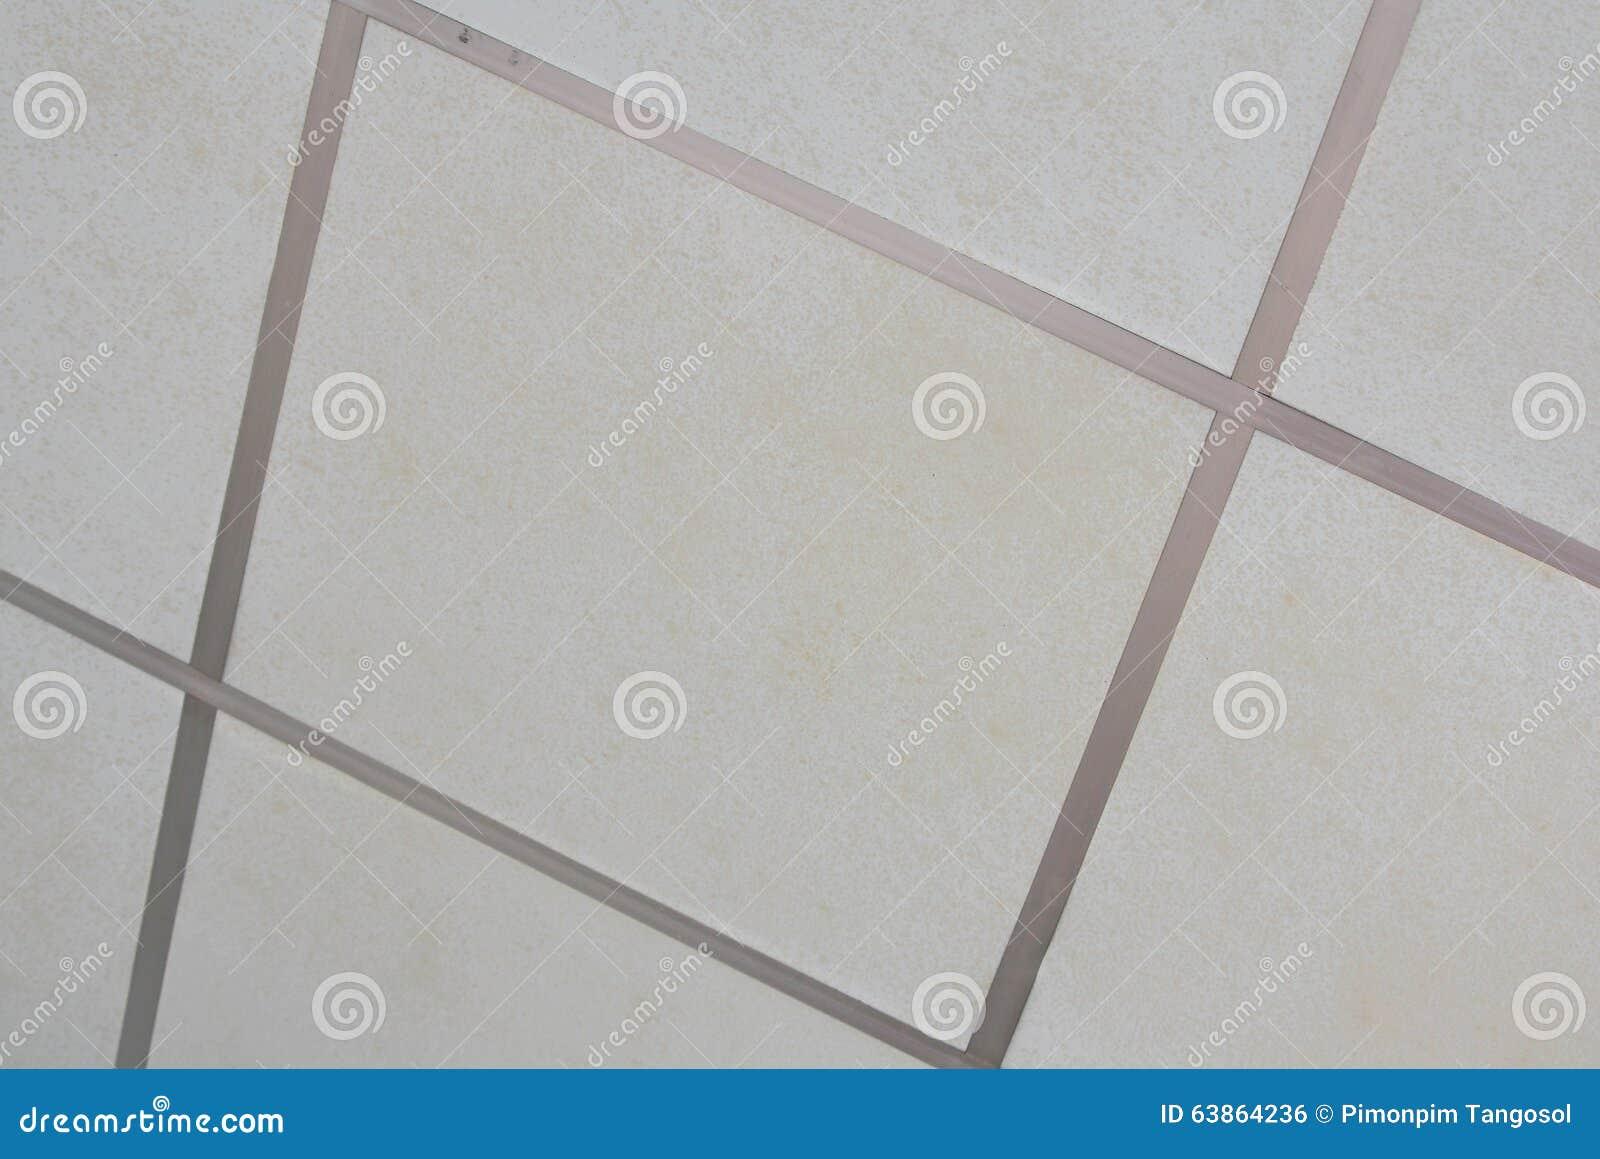 Pannelli bianchi per il controsoffitto fotografia stock immagine